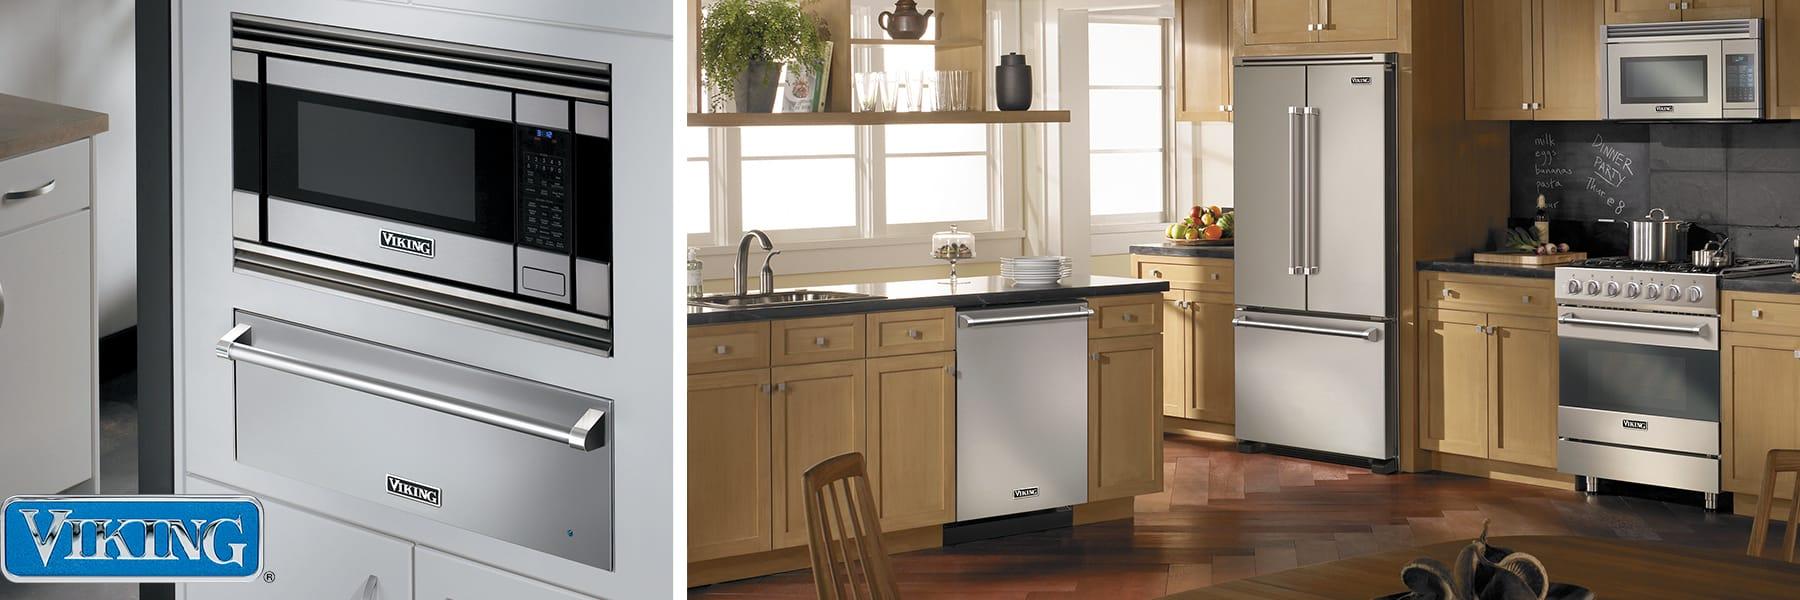 Aztec Appliance Showcase Store Home Appliances Kitchen Appliances Mattress In San Diego